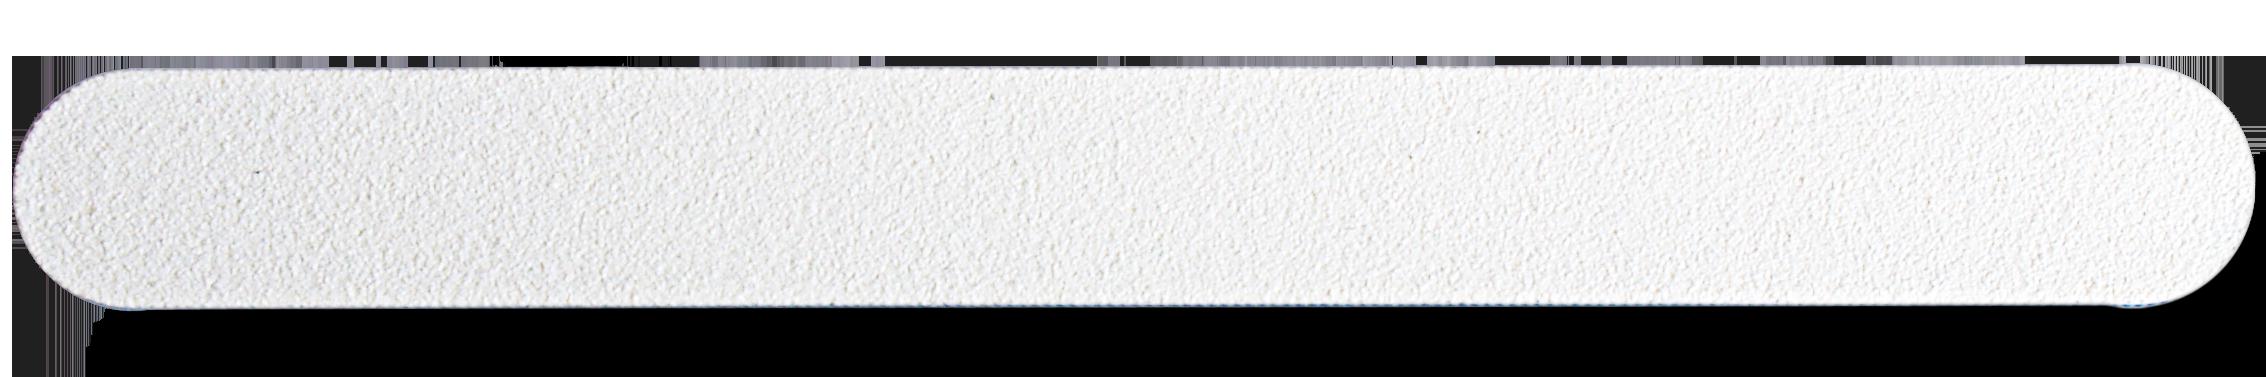 No Cushion White Sand  07034 - Extra Coarse 80/80 07035 - Coarse 100/100 07036 - Fine 180/180